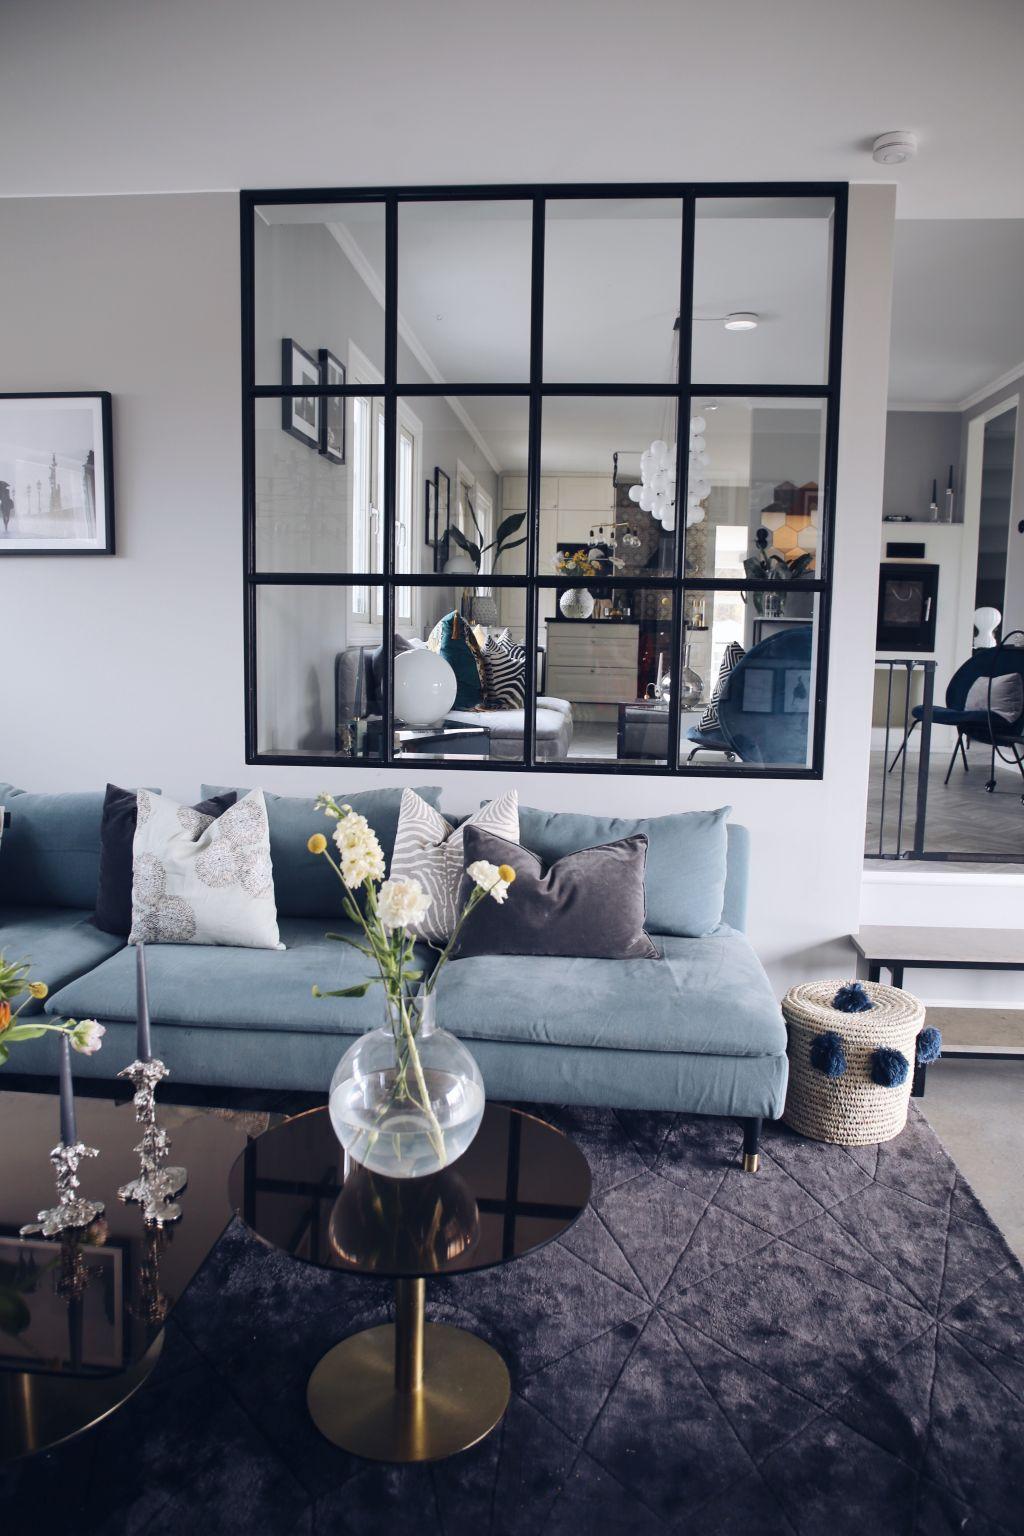 d6e08849 e360 4dfc b798 e1dd7e3a70b6 - Inspiration déco : 16 façons d'embellir les murs du salon